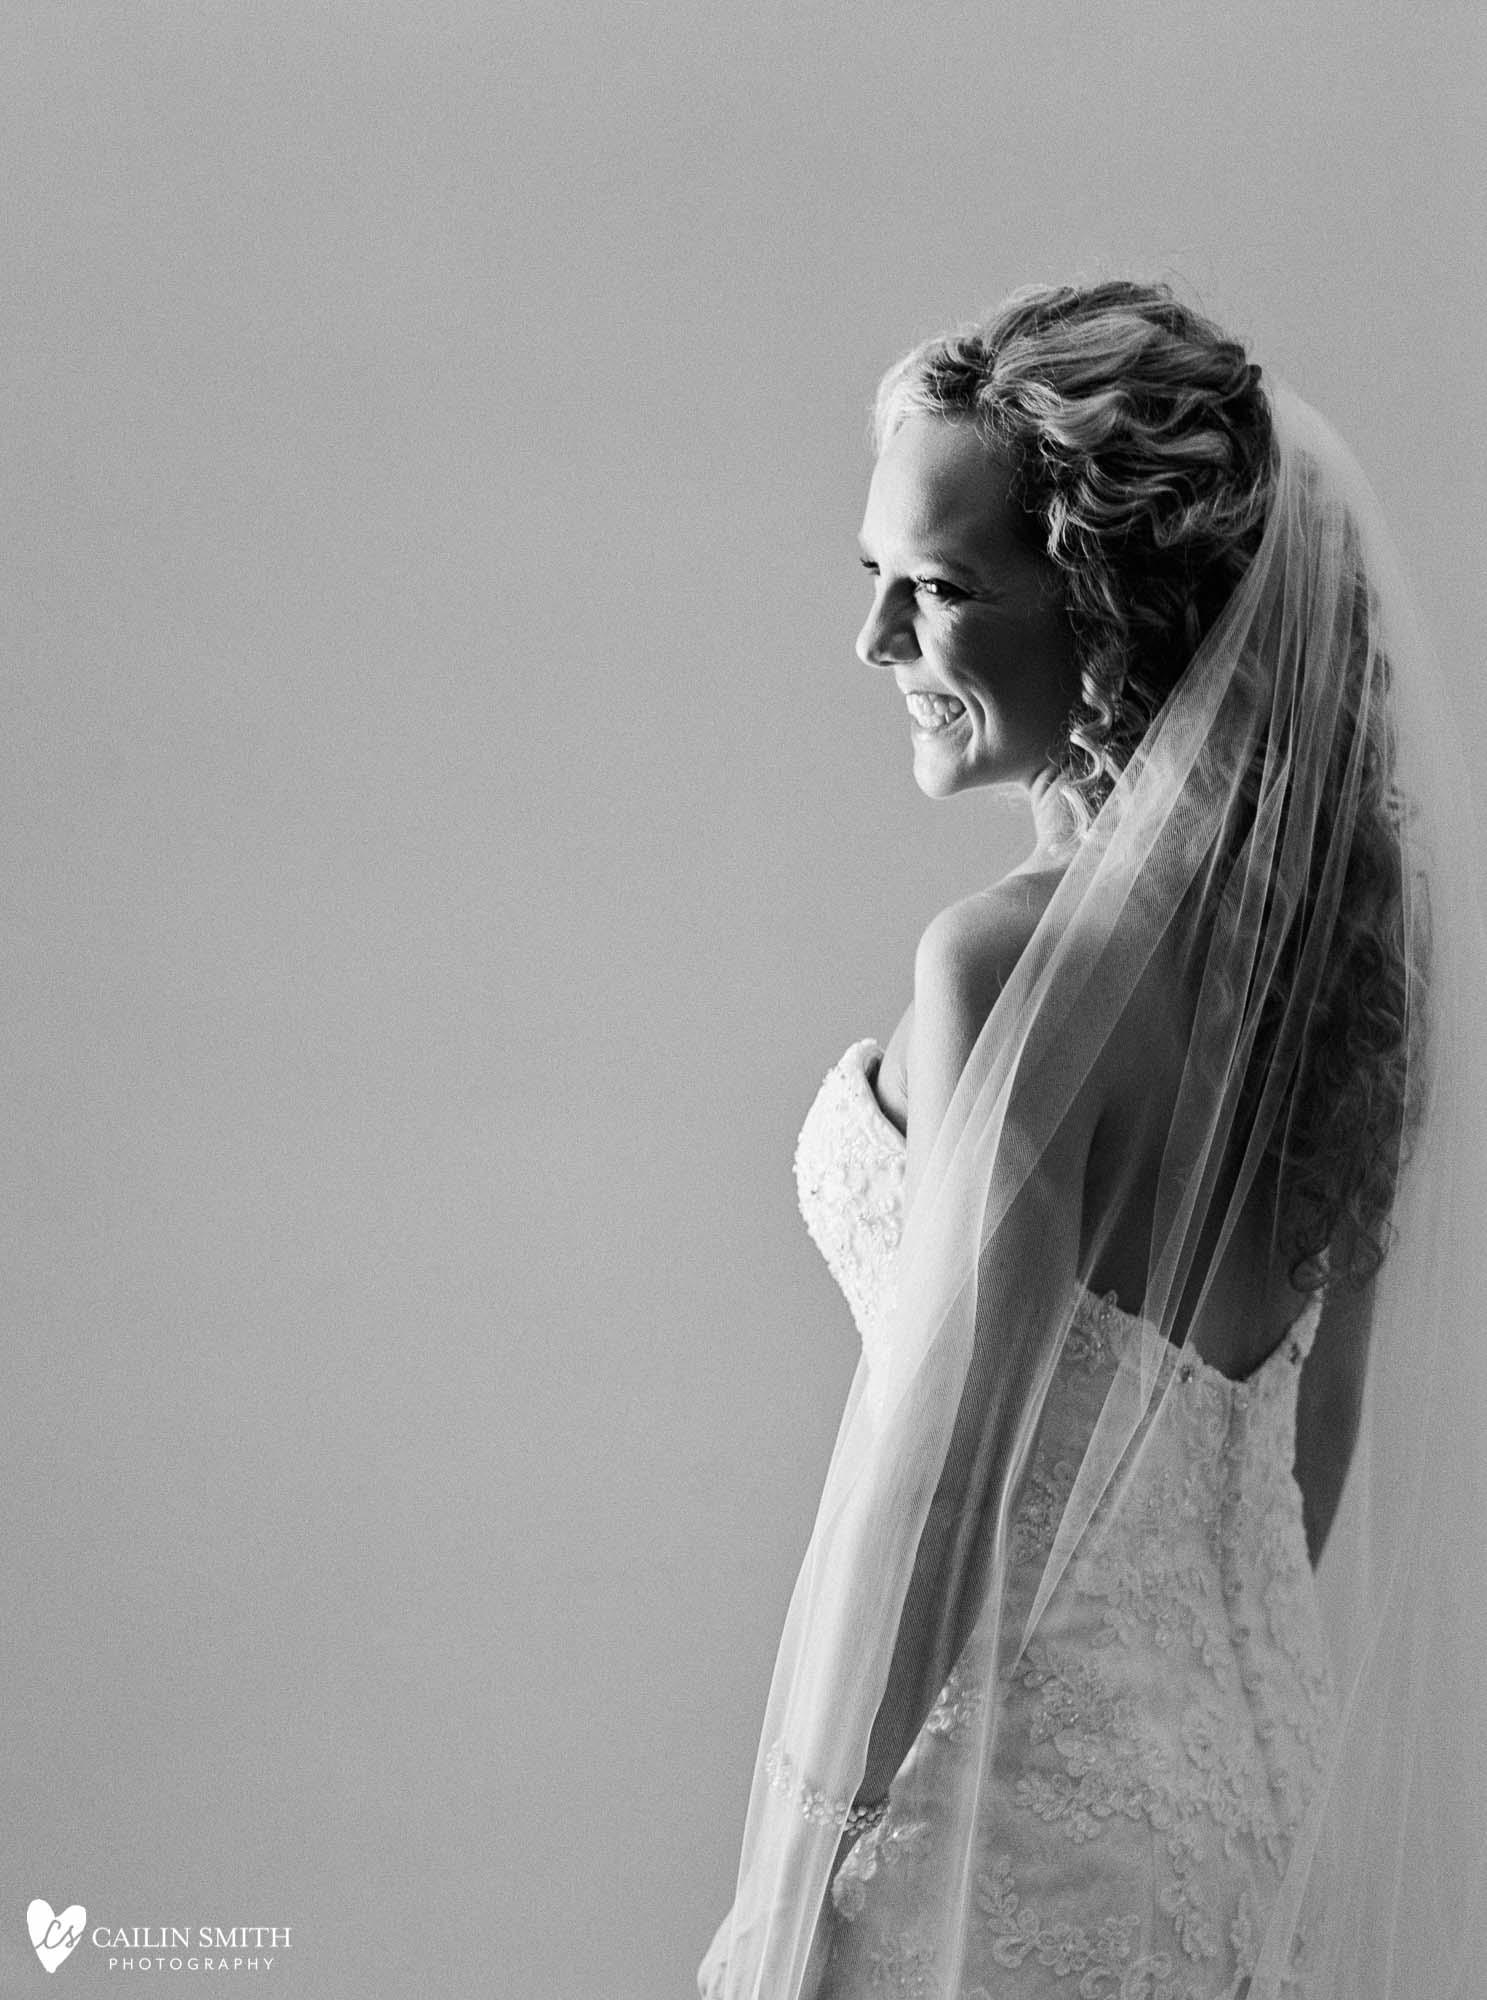 Leah_Major_St_Marys_Wedding_Photography_012.jpg